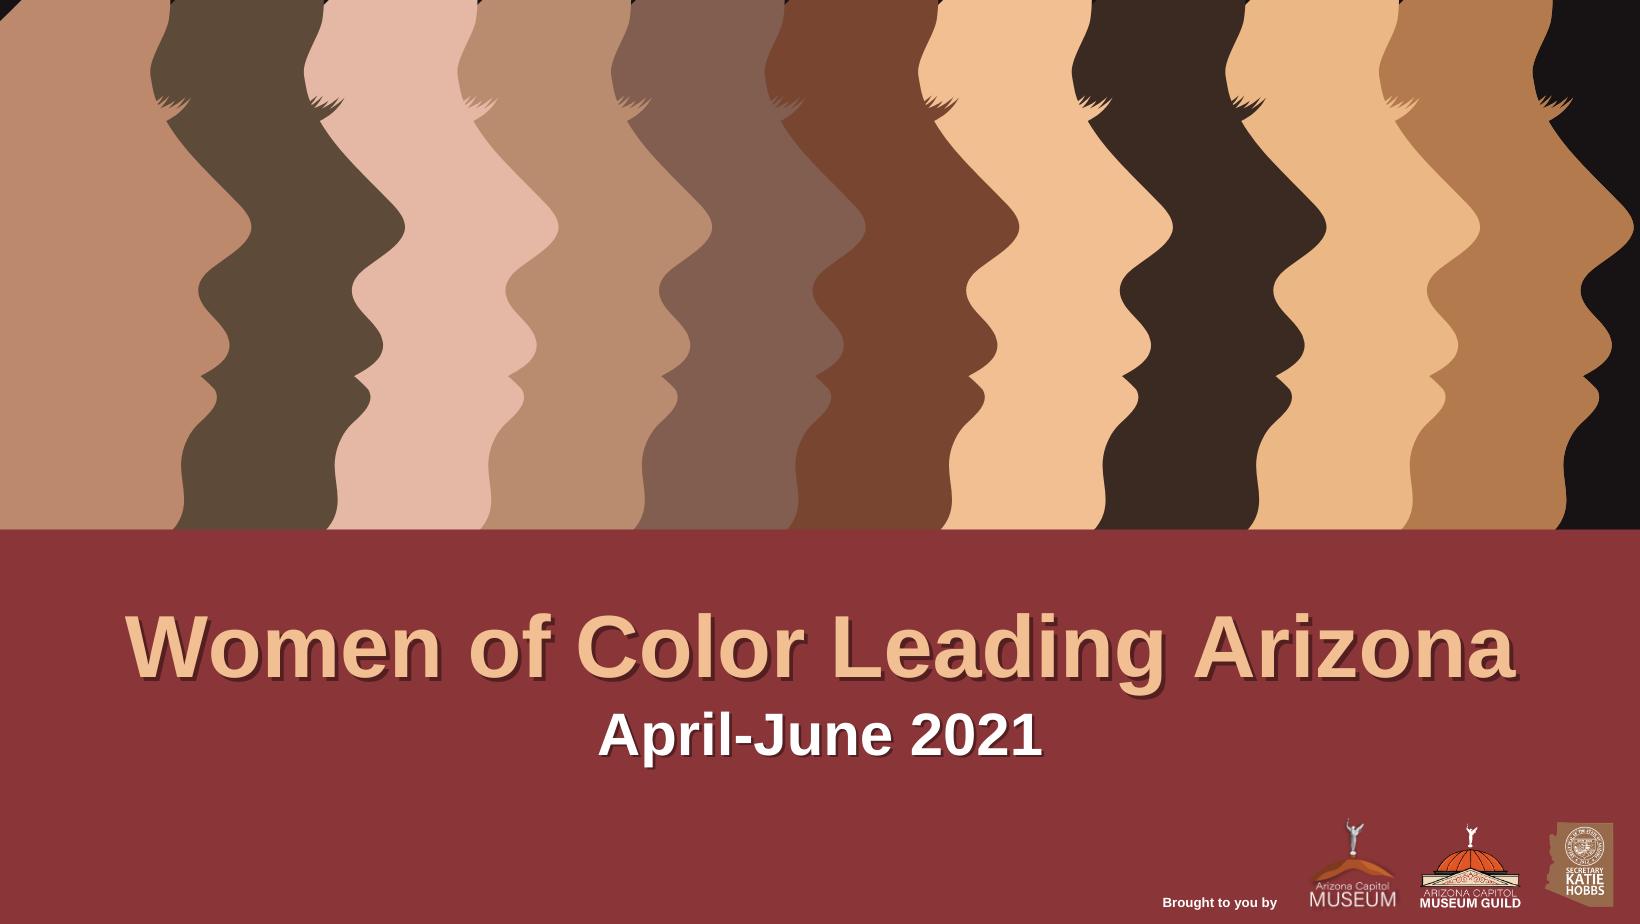 Women of Color Leading Arizona